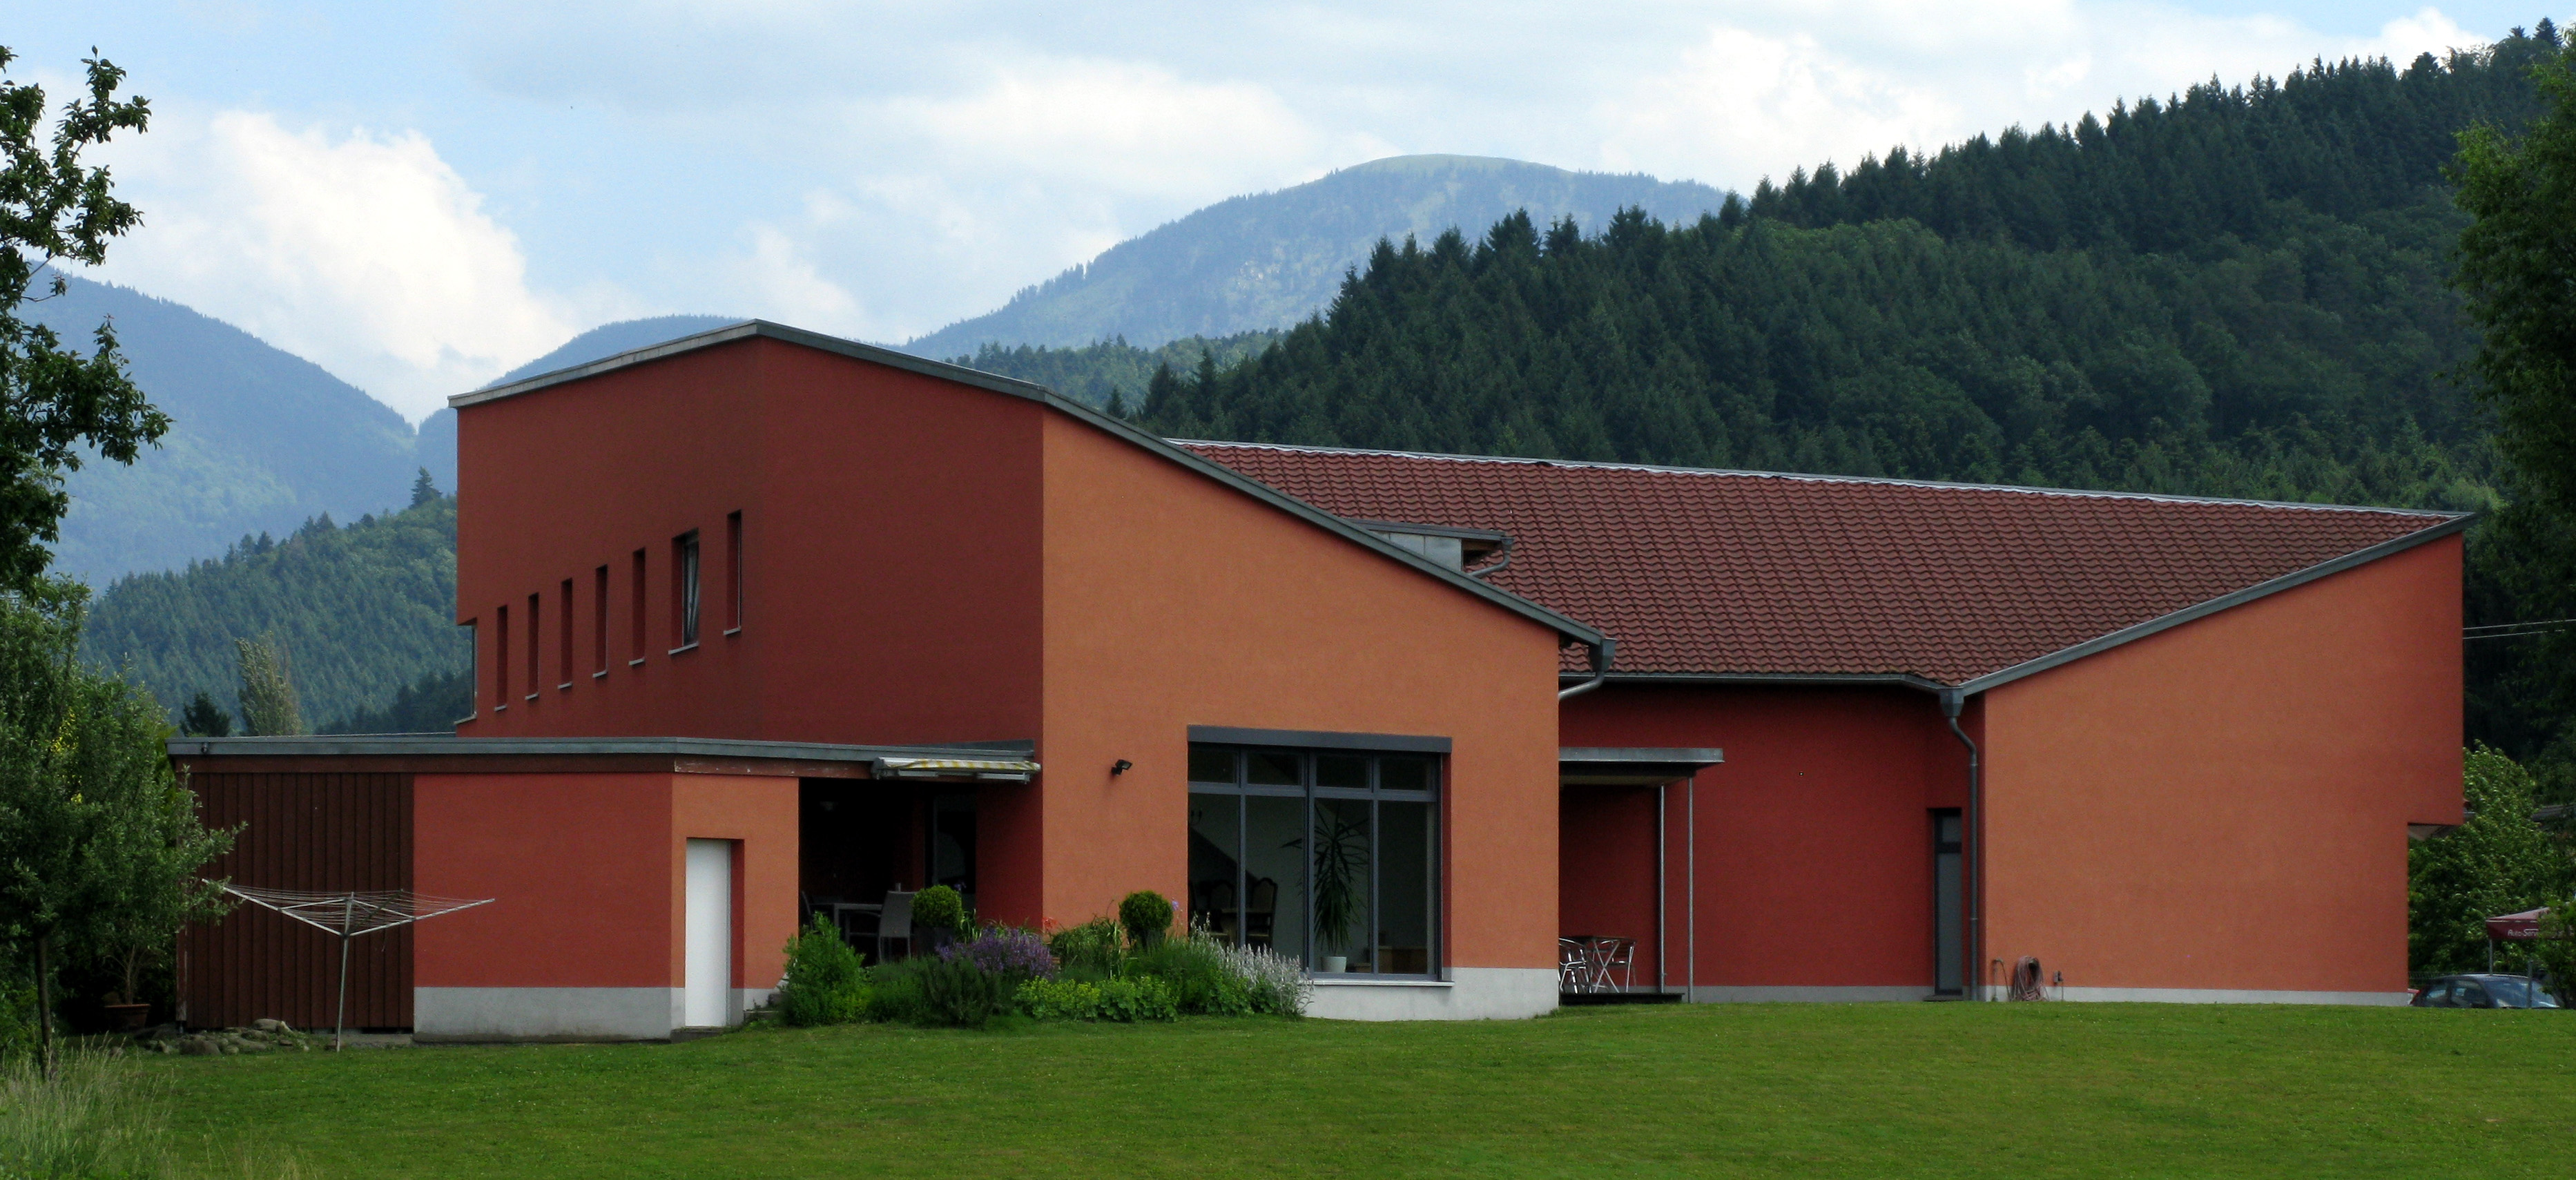 File:Haus der Modernen Kunst in Staufen-Grunern.jpg - Wikimedia Commons